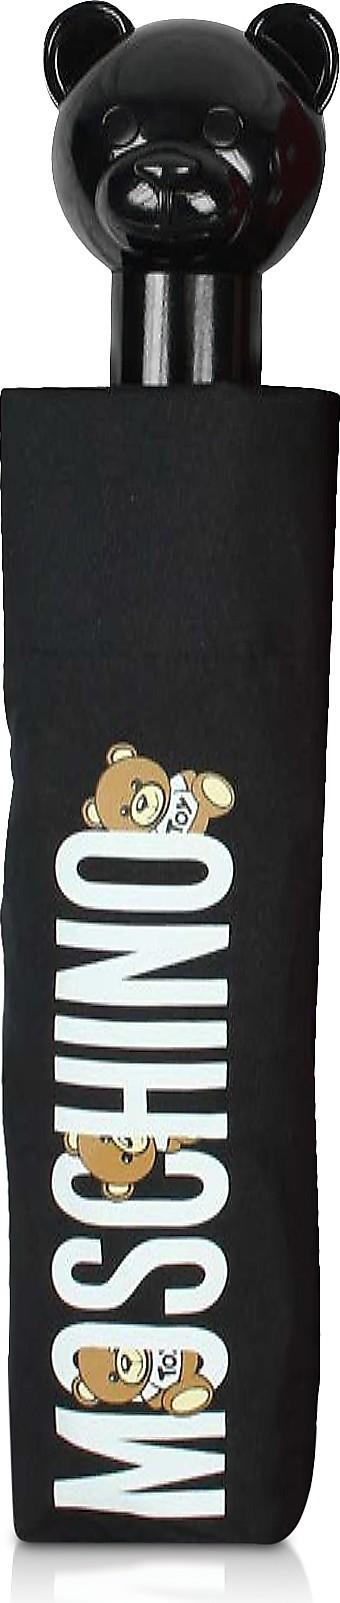 Moschino Bear in The Logo Open/Close Umbrella